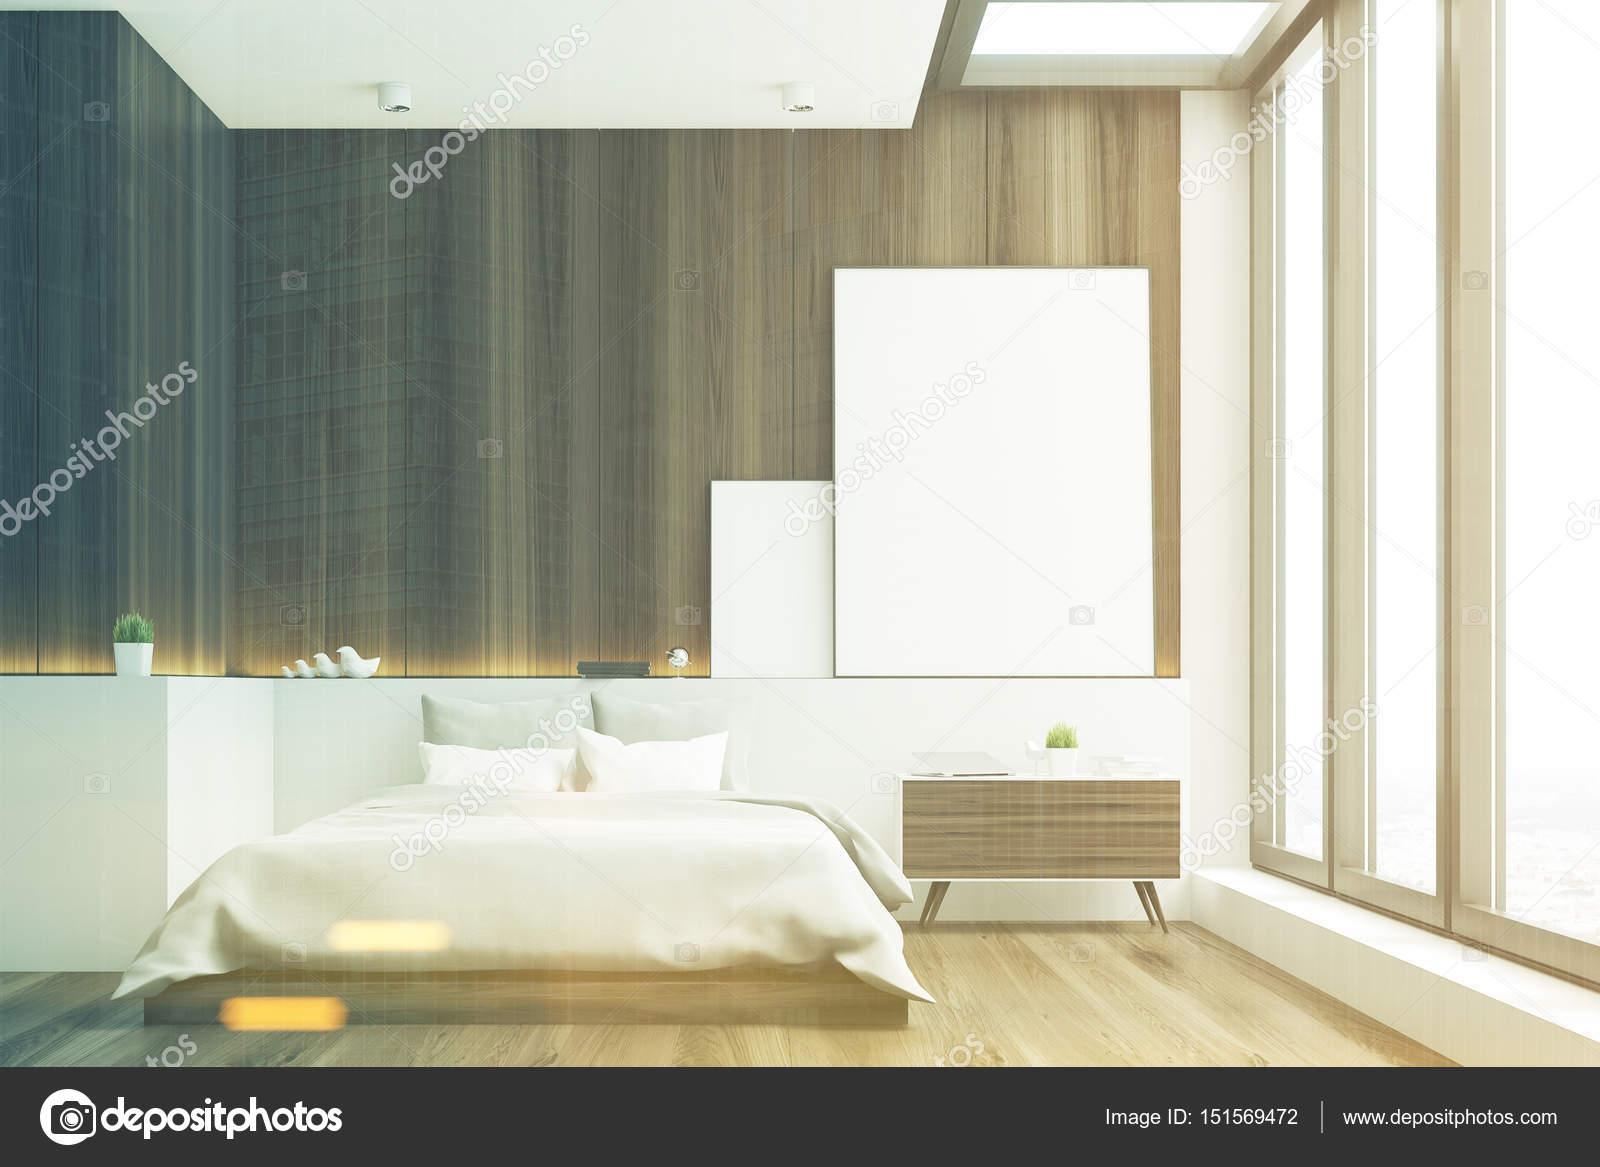 Donkere slaapkamer, hout, voorzijde, afgezwakt — Stockfoto ...